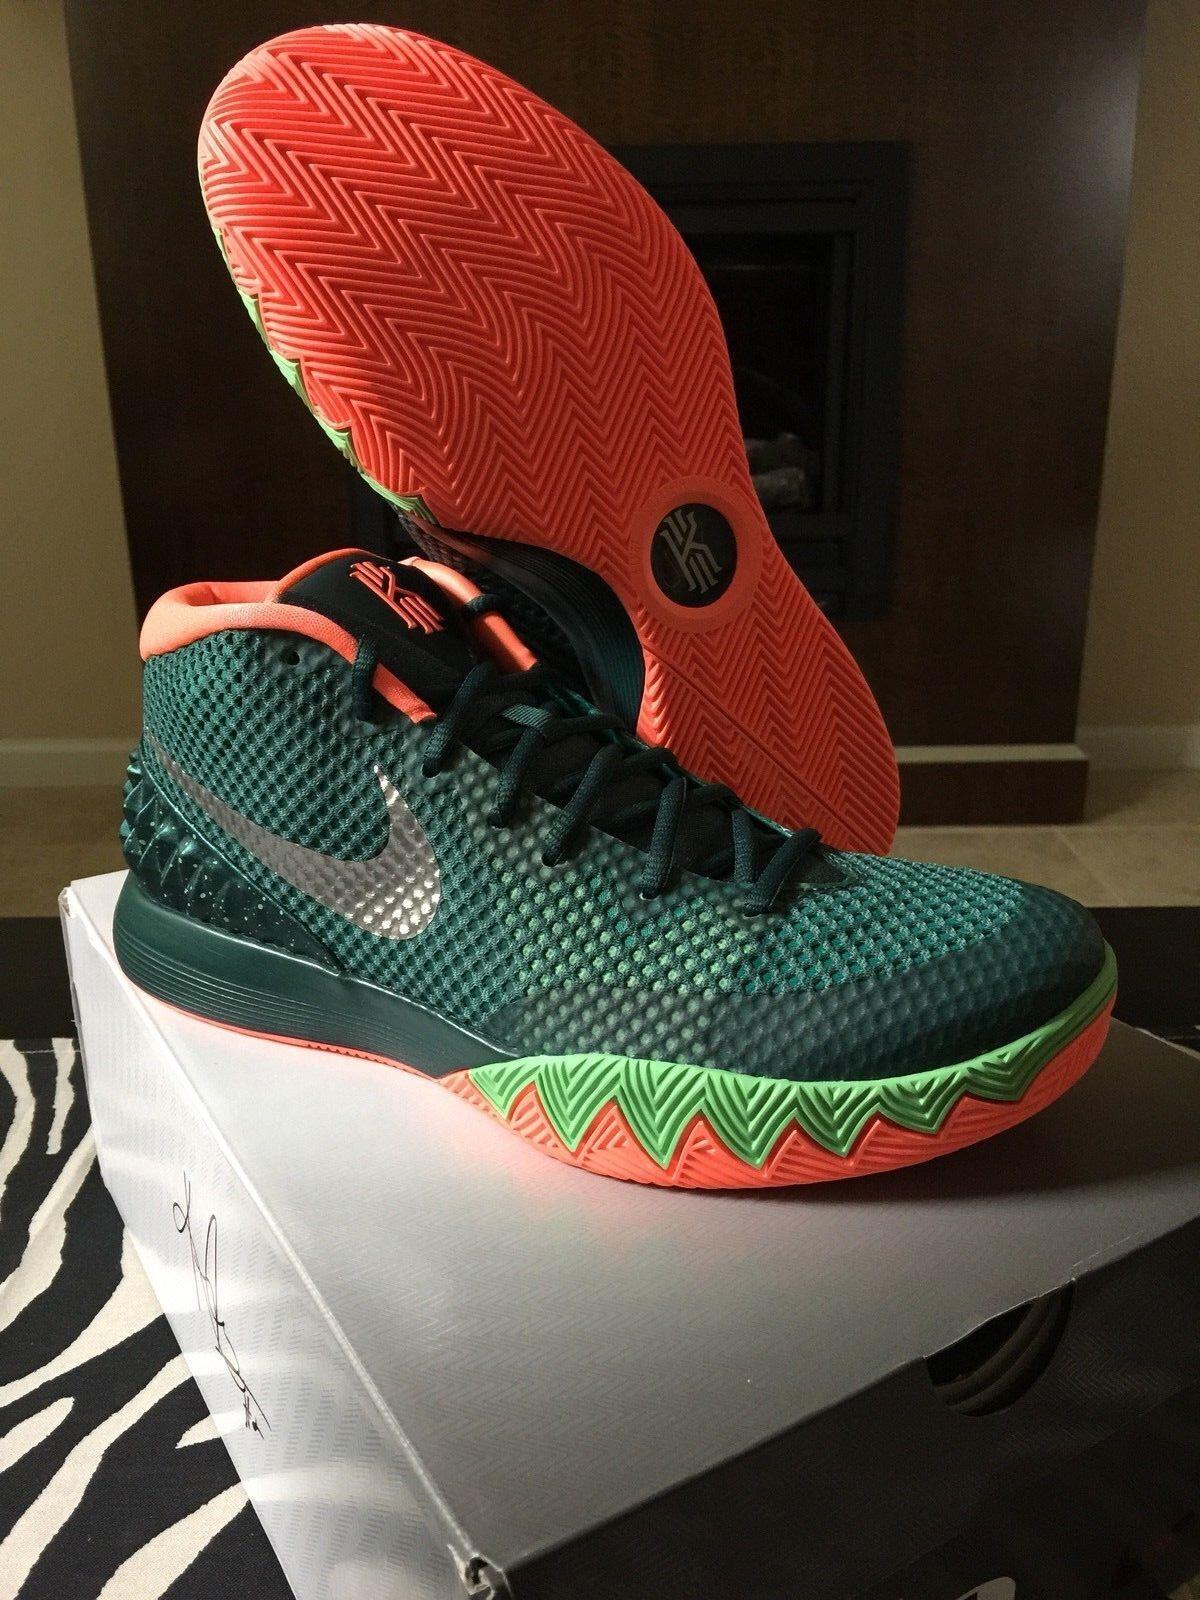 Nike Air Kyries all red 9.5 Green 10 10.5 Green 9.5 Mango black Lebron Kyrie 11.5 13 1 b09e3e